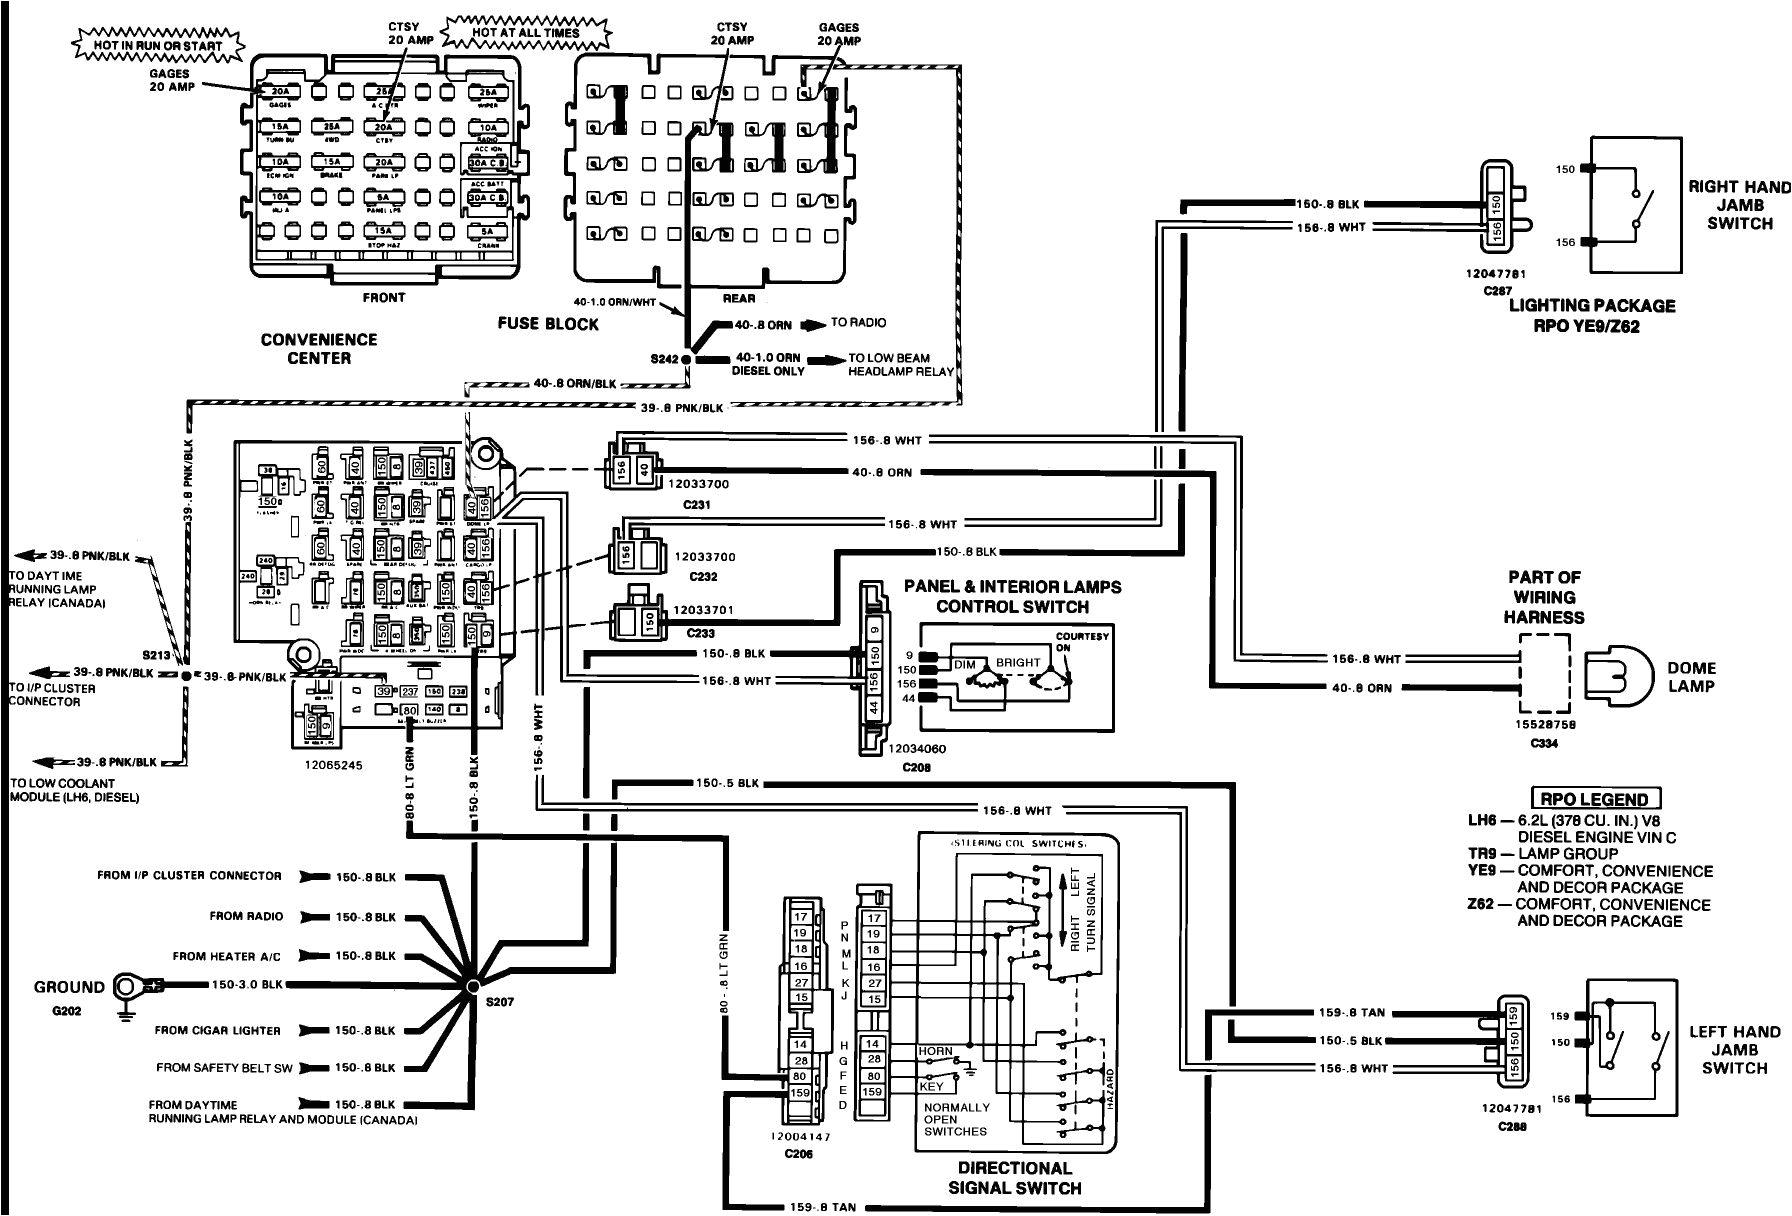 1993 chevy c1500 wiring diagram wiring diagram name 1993 chevy silverado ignition wiring diagram 1993 chevy silverado wiring diagram